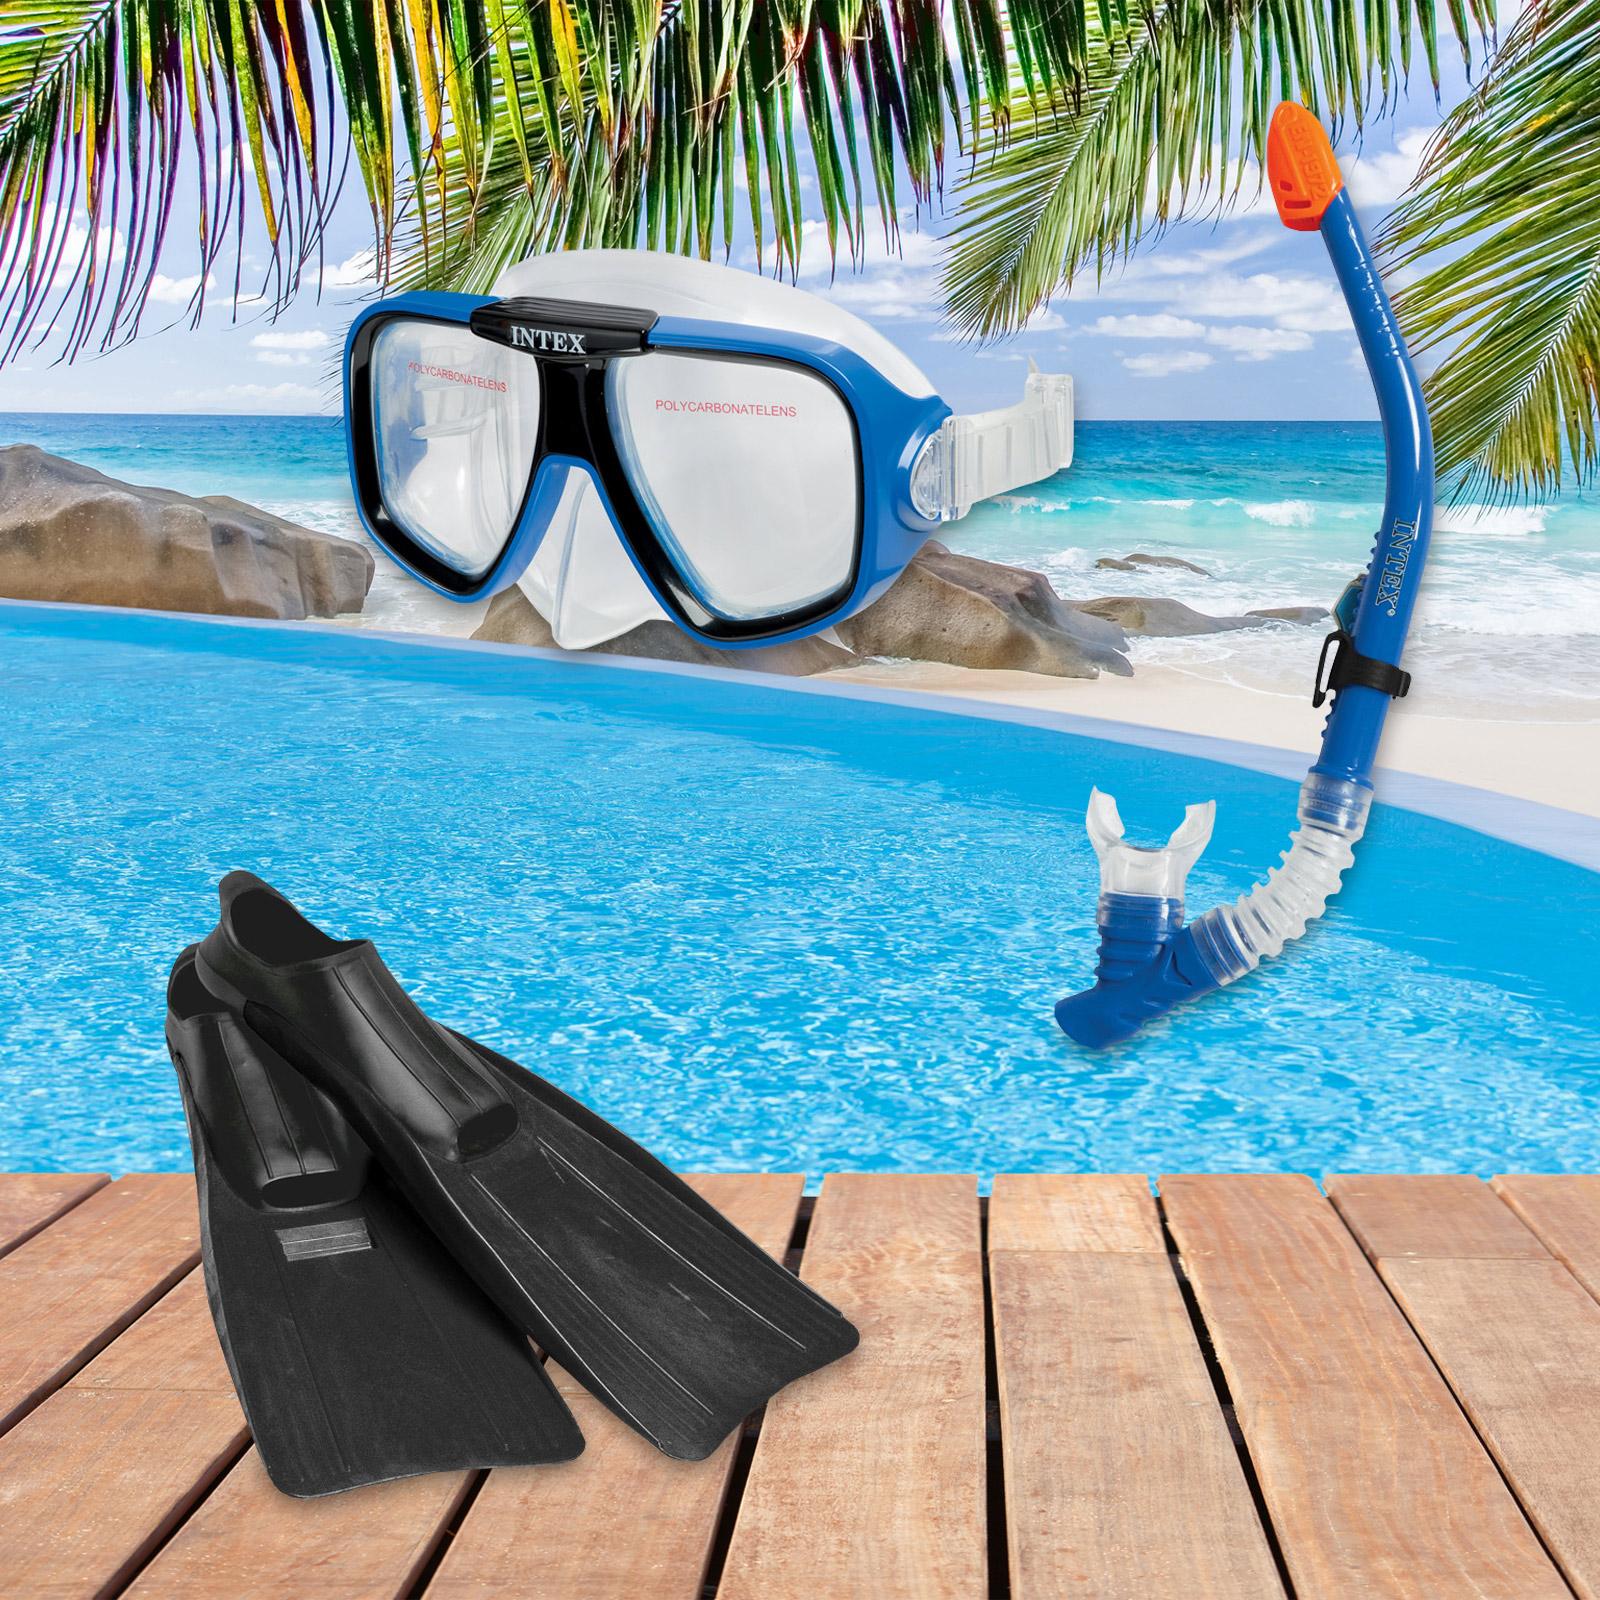 Intex 55957 Schnorchelset Reef Rider Sport Größe von 38 - 40